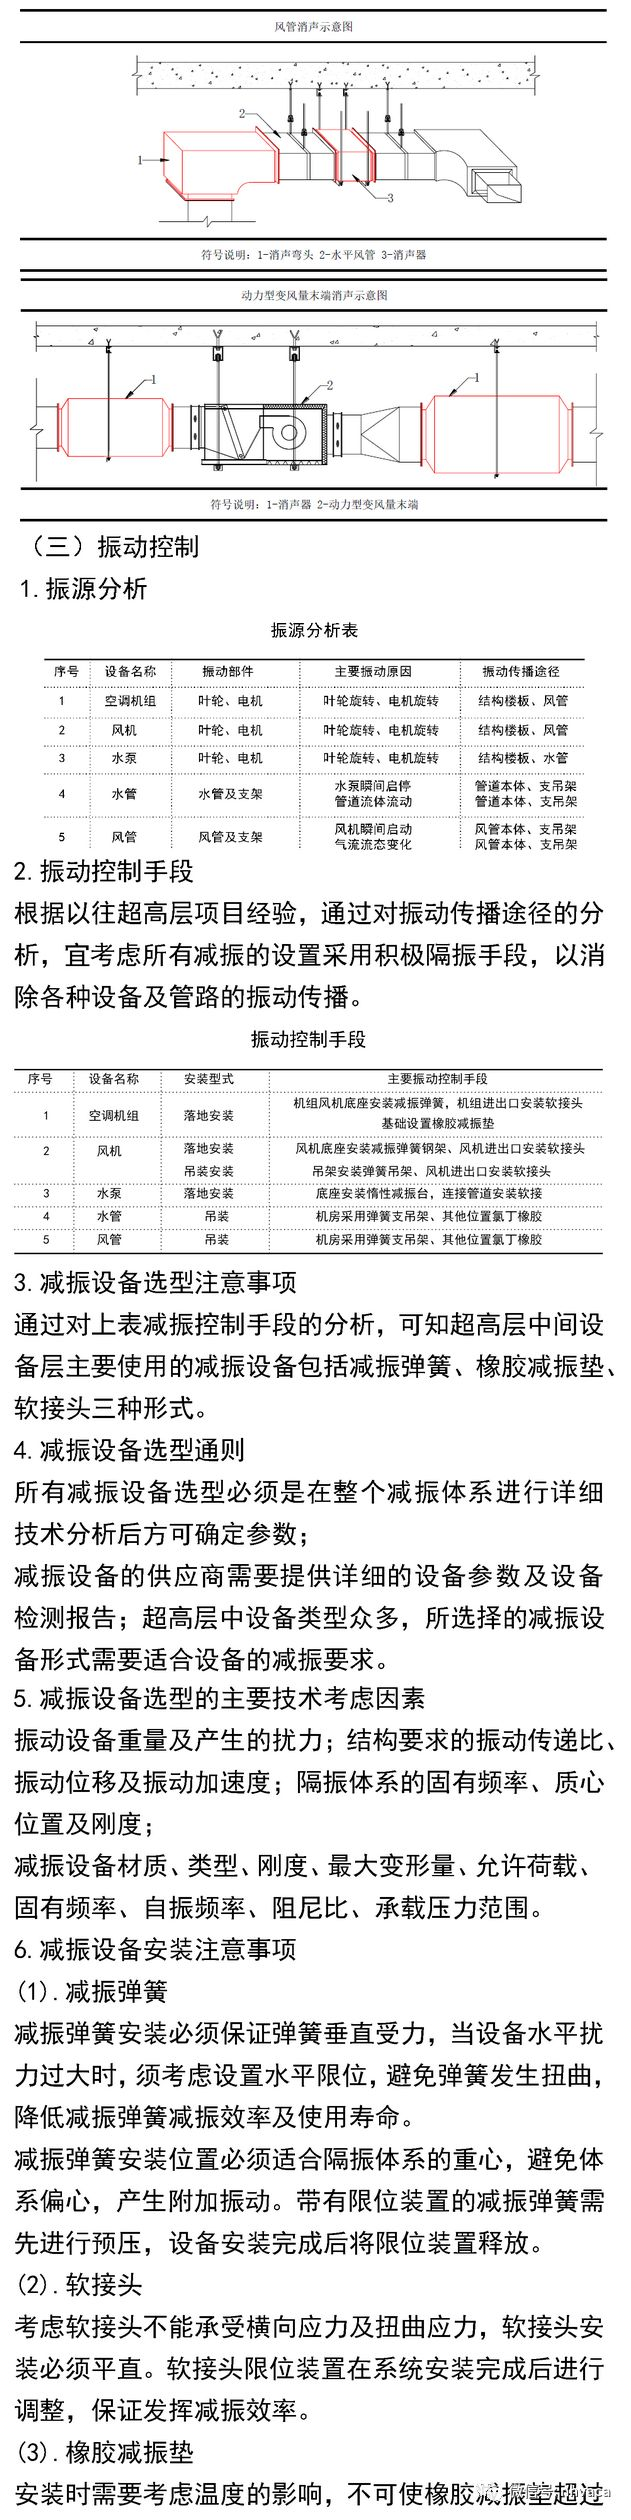 超高层中间设备层机电安装技术指南_9